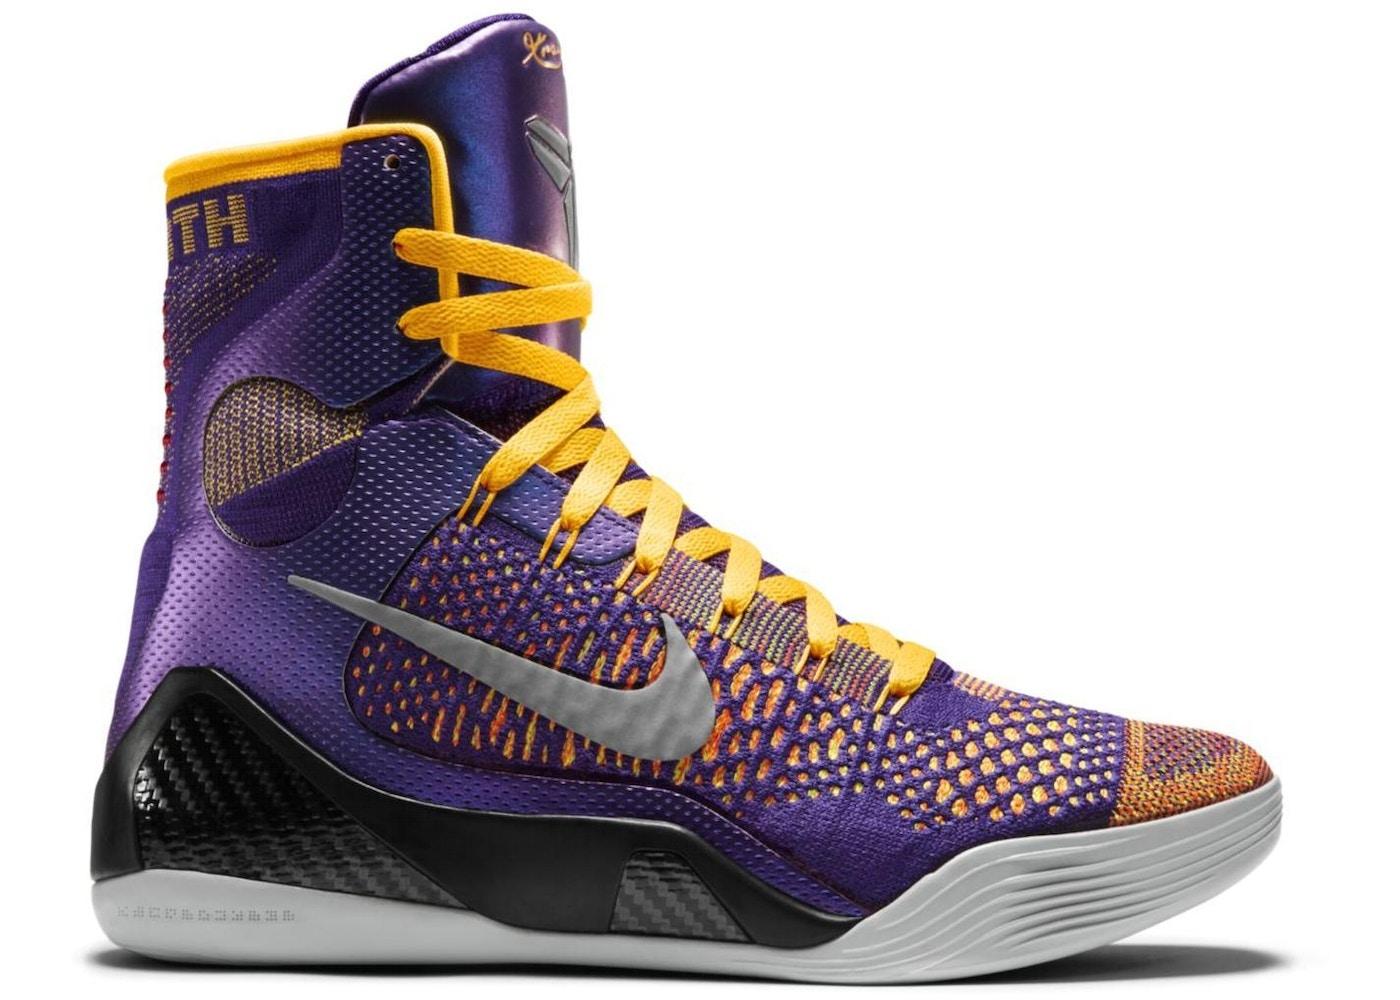 new style 91078 c2b7f Buy Nike Kobe 9 Shoes   Deadstock Sneakers